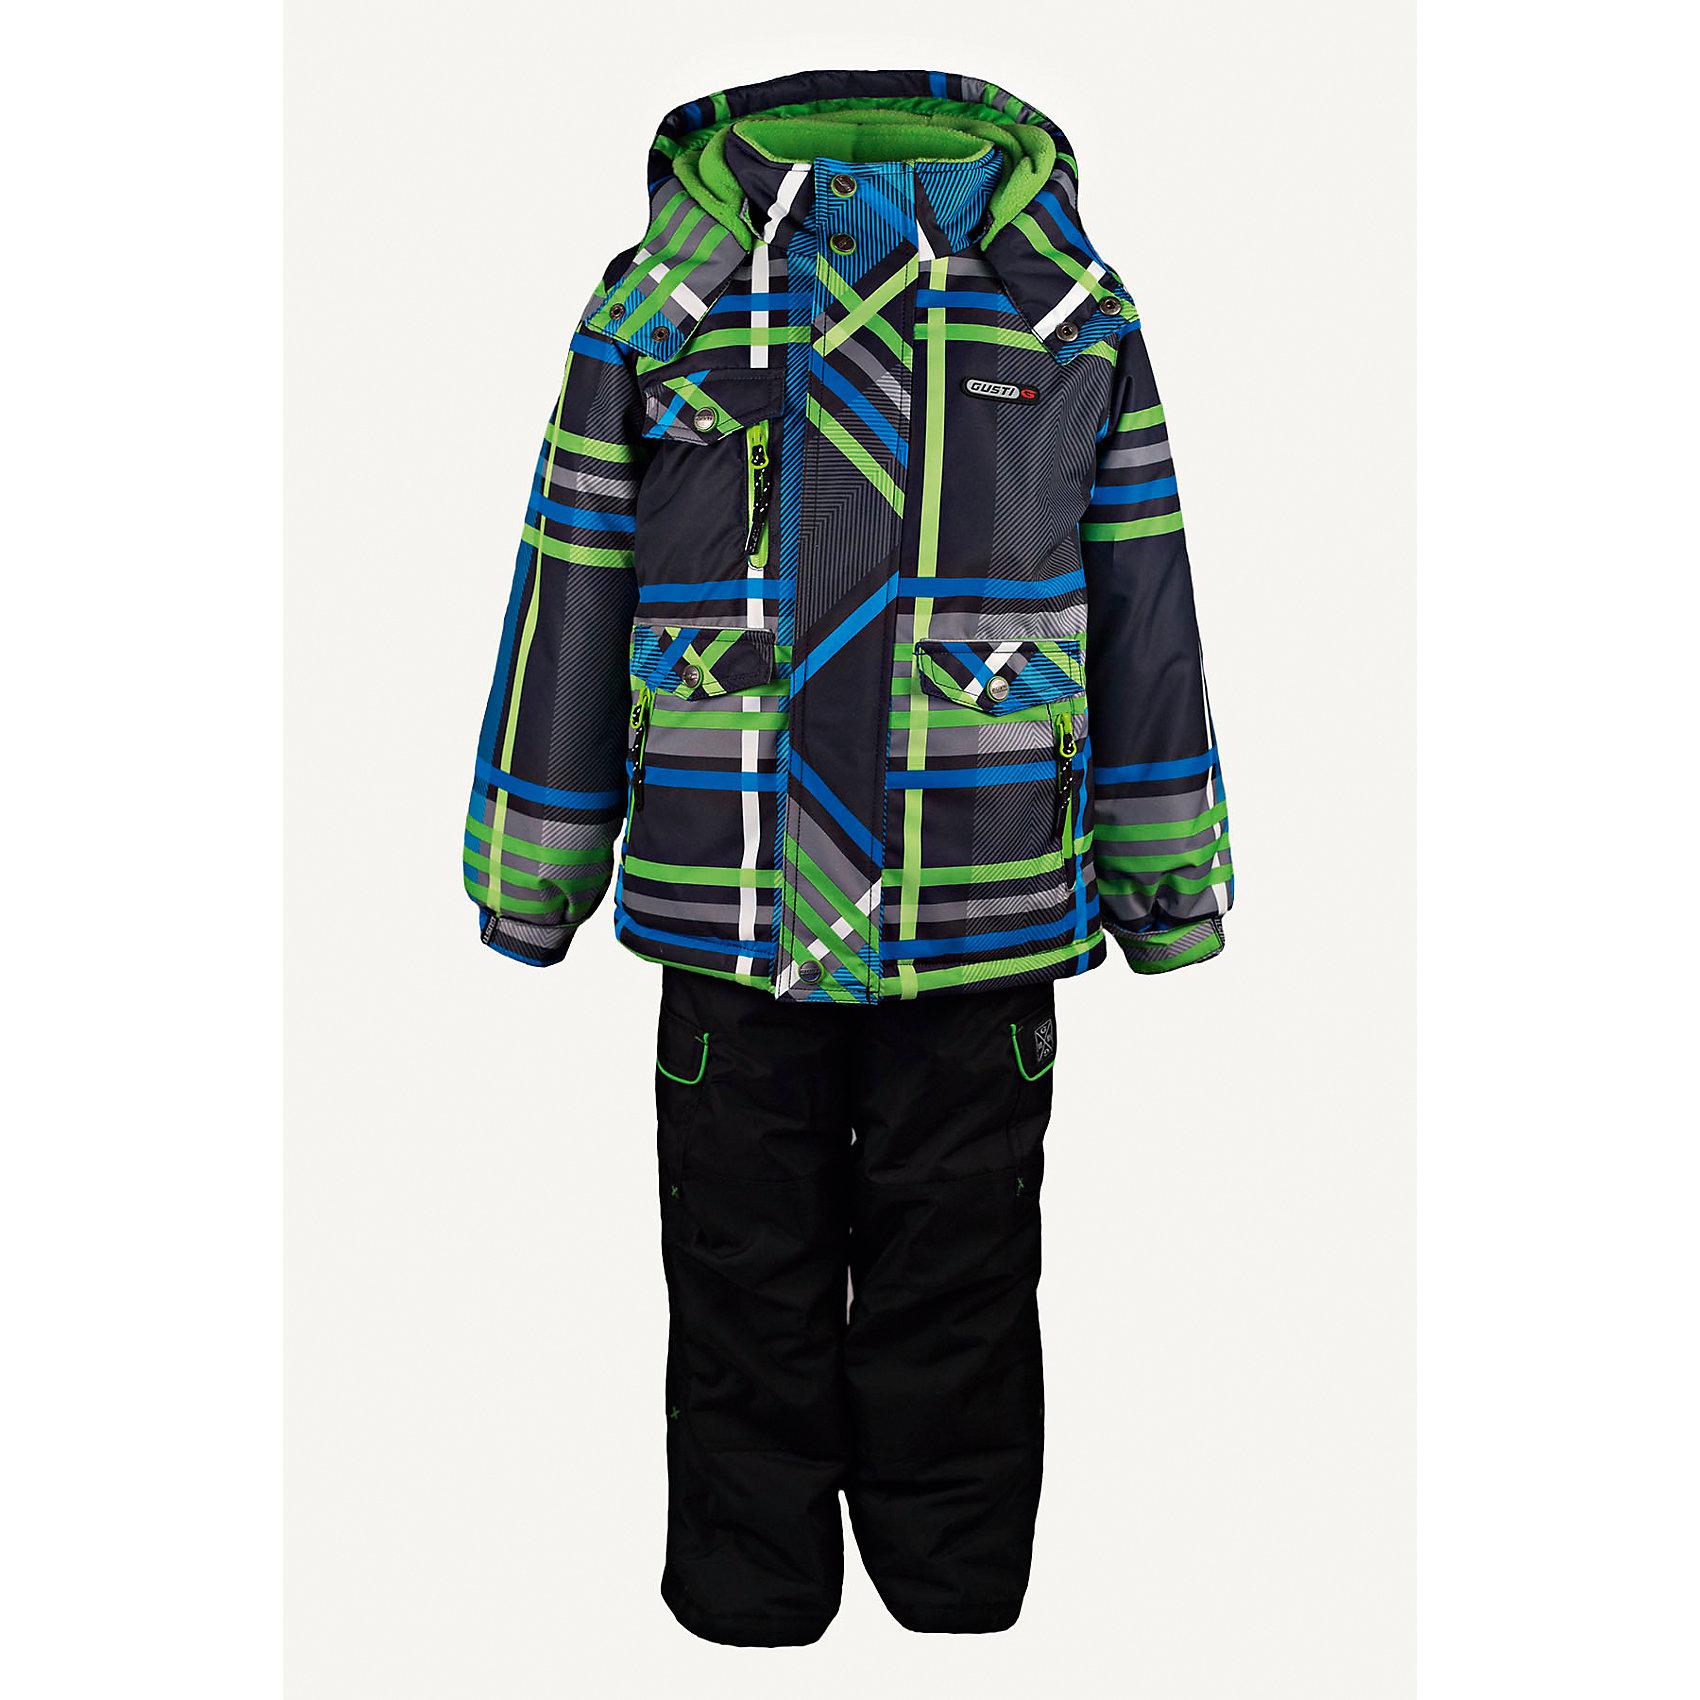 Комплект: куртка и полукомбинезон GUSTIКомплект: куртка и полукомбинезон GUSTI (ГУСТИ) – это идеальный вариант для суровой зимы с сильными морозами.<br><br>Температурный режим: до -30  градусов. Степень утепления – высокая. <br><br>* Температурный режим указан приблизительно — необходимо, прежде всего, ориентироваться на ощущения ребенка. Температурный режим работает в случае соблюдения правила многослойности – использования флисовой поддевы и термобелья.<br><br>Комплект от GUSTI (ГУСТИ) состоит из куртки и полукомбинезона прямого кроя, выполненных из плотного непромокаемого материала с защитной от влаги мембраной 5000 мм. Тань хорошо сохраняет тепло, отталкивает влагу и позволяет коже ребенка дышать. Утеплитель из тек-полифилла и флисовая внутренняя отделка на груди и на спинке дают возможность использовать комплект при очень низких температурах. Куртка застегивается на молнию с ветрозащитной планкой, имеет три внутренних кармана на застежках-молниях, снегозащитную юбку, трикотажные манжеты в рукавах, отстёгивающийся капюшон с флисовой подкладкой, высокий ворот с защитой подбородка. Низ рукавов регулируется с помощью липучек. Полукомбинезон застегивается на молнию, имеет два накладных кармана с клапанами на липучках, регулируемые лямки, снегозащитные гетры. Длина брючин регулируется (отворот с креплением на липе). Сзади, на коленях, и по низу брючин имеется дополнительный слой ткани Cordura Oxford (сверхстойкий полиэстер). До размера 6х (120 см.) у полукомбинезона высокая грудка, в размерах 7 (122 см.) - 14 (164см) отстегивающаяся спинка, грудки нет. Модель подходит для прогулок на морозе до -30 градусов.<br><br>Дополнительная информация:<br><br>- Сезон: зима<br>- Пол: мальчик<br>- Цвет: мультиколор<br>- Узор: полоска<br>- Температурный режим до -30 градусов<br>- Материал верха: куртка - shuss 5000мм (100% полиэстер); брюки - taslan 5000мм, накладки Cordura Oxford сзади, на коленях, и по низу брючин<br>- Наполнитель: куртка - тек-полифилл плотностью 283 гр/м (10 ун